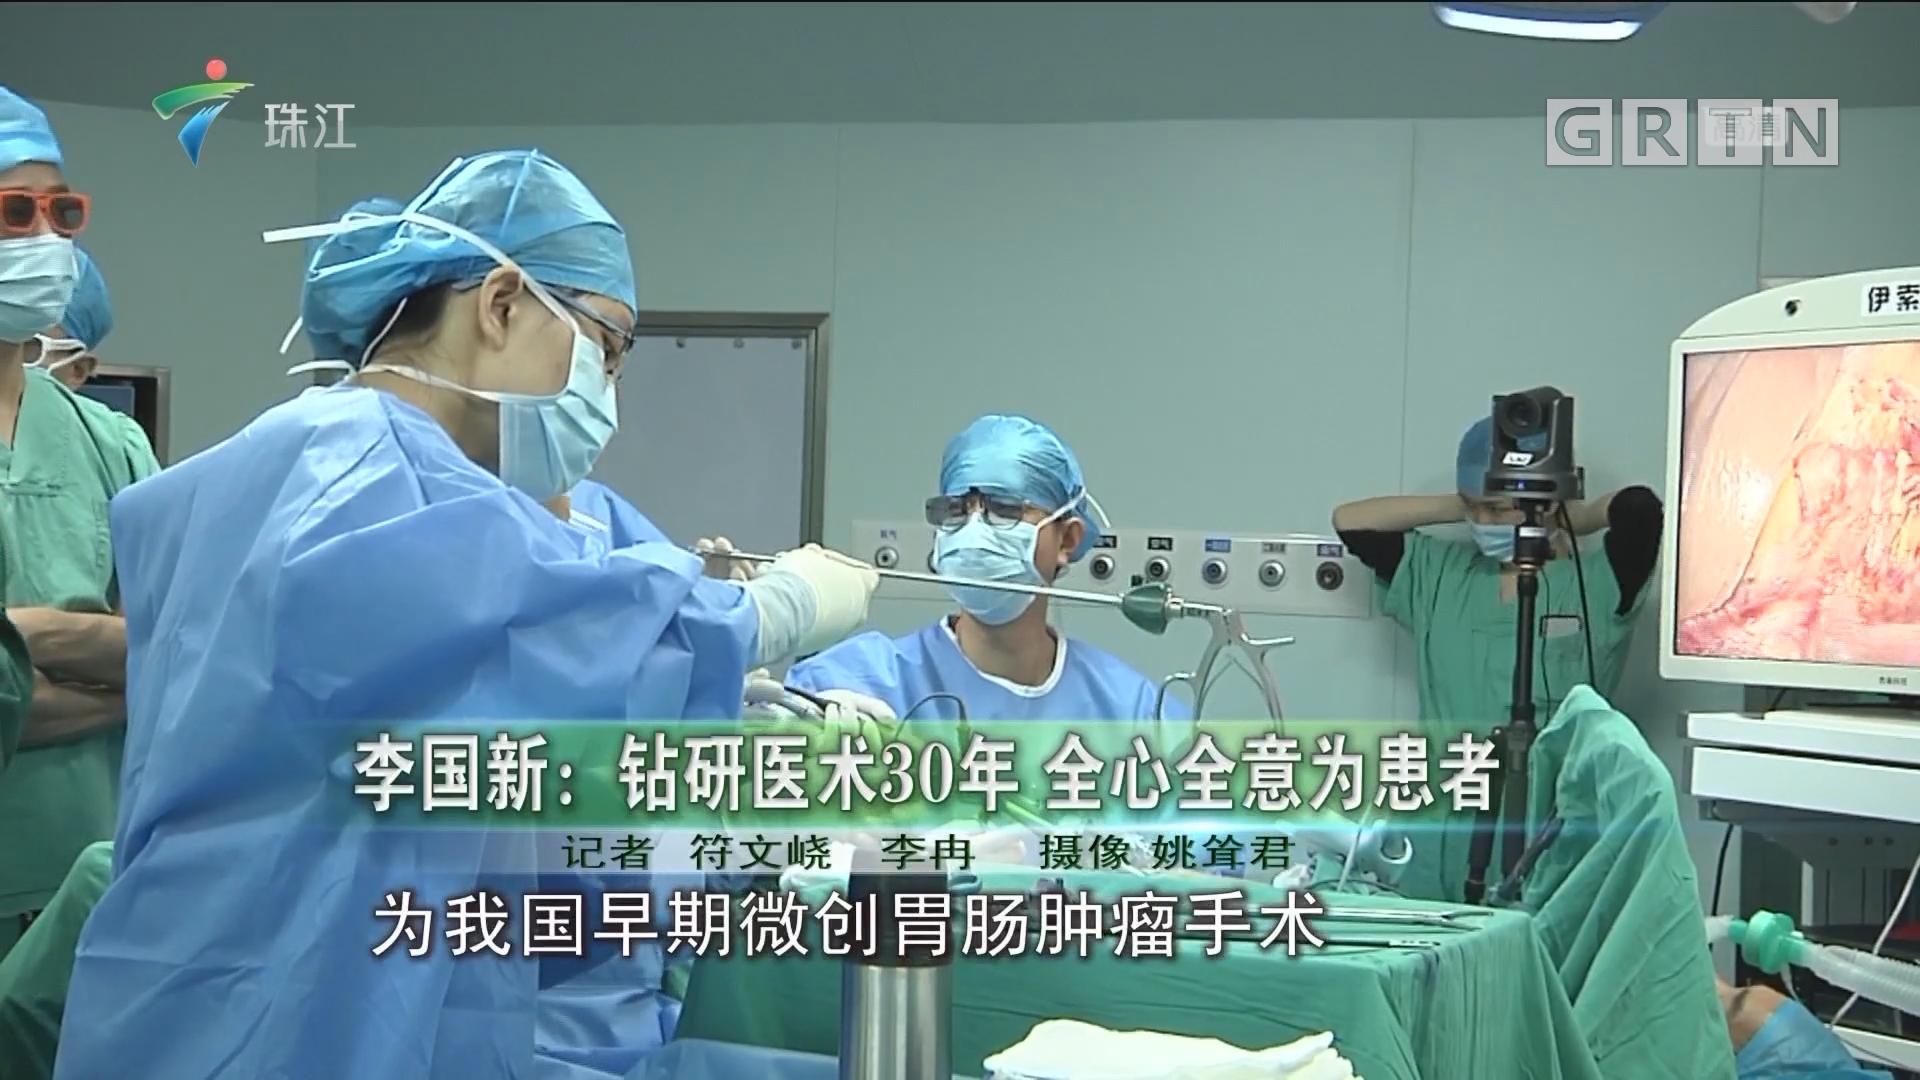 李国新:钻研医术30年 全心全意为患者